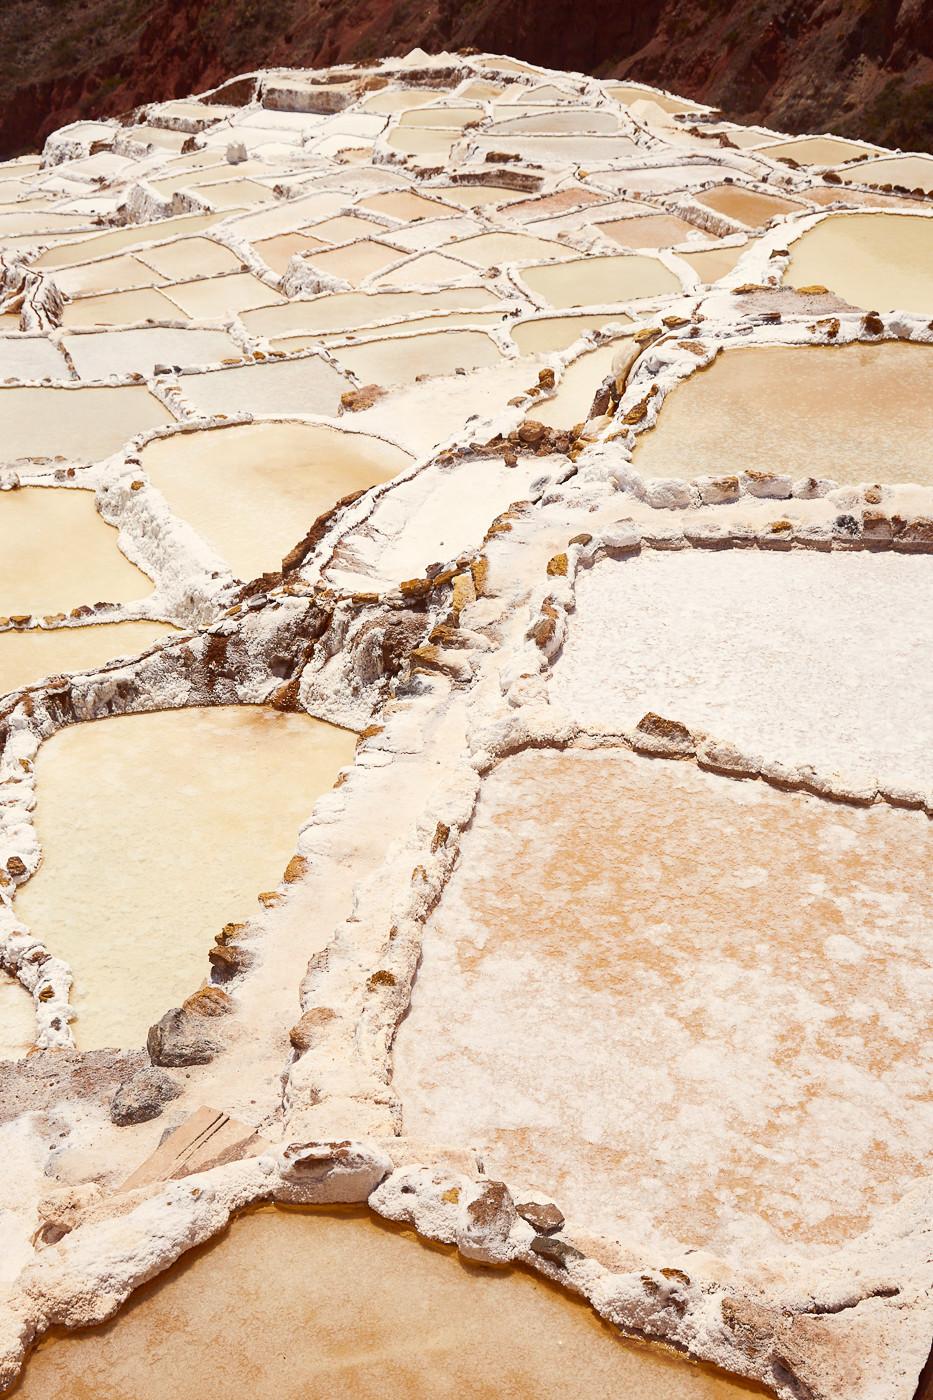 Die Salzmine ist immer noch in Betrieb, man kann auch das hier angebaute Salz an Ständen erwerben